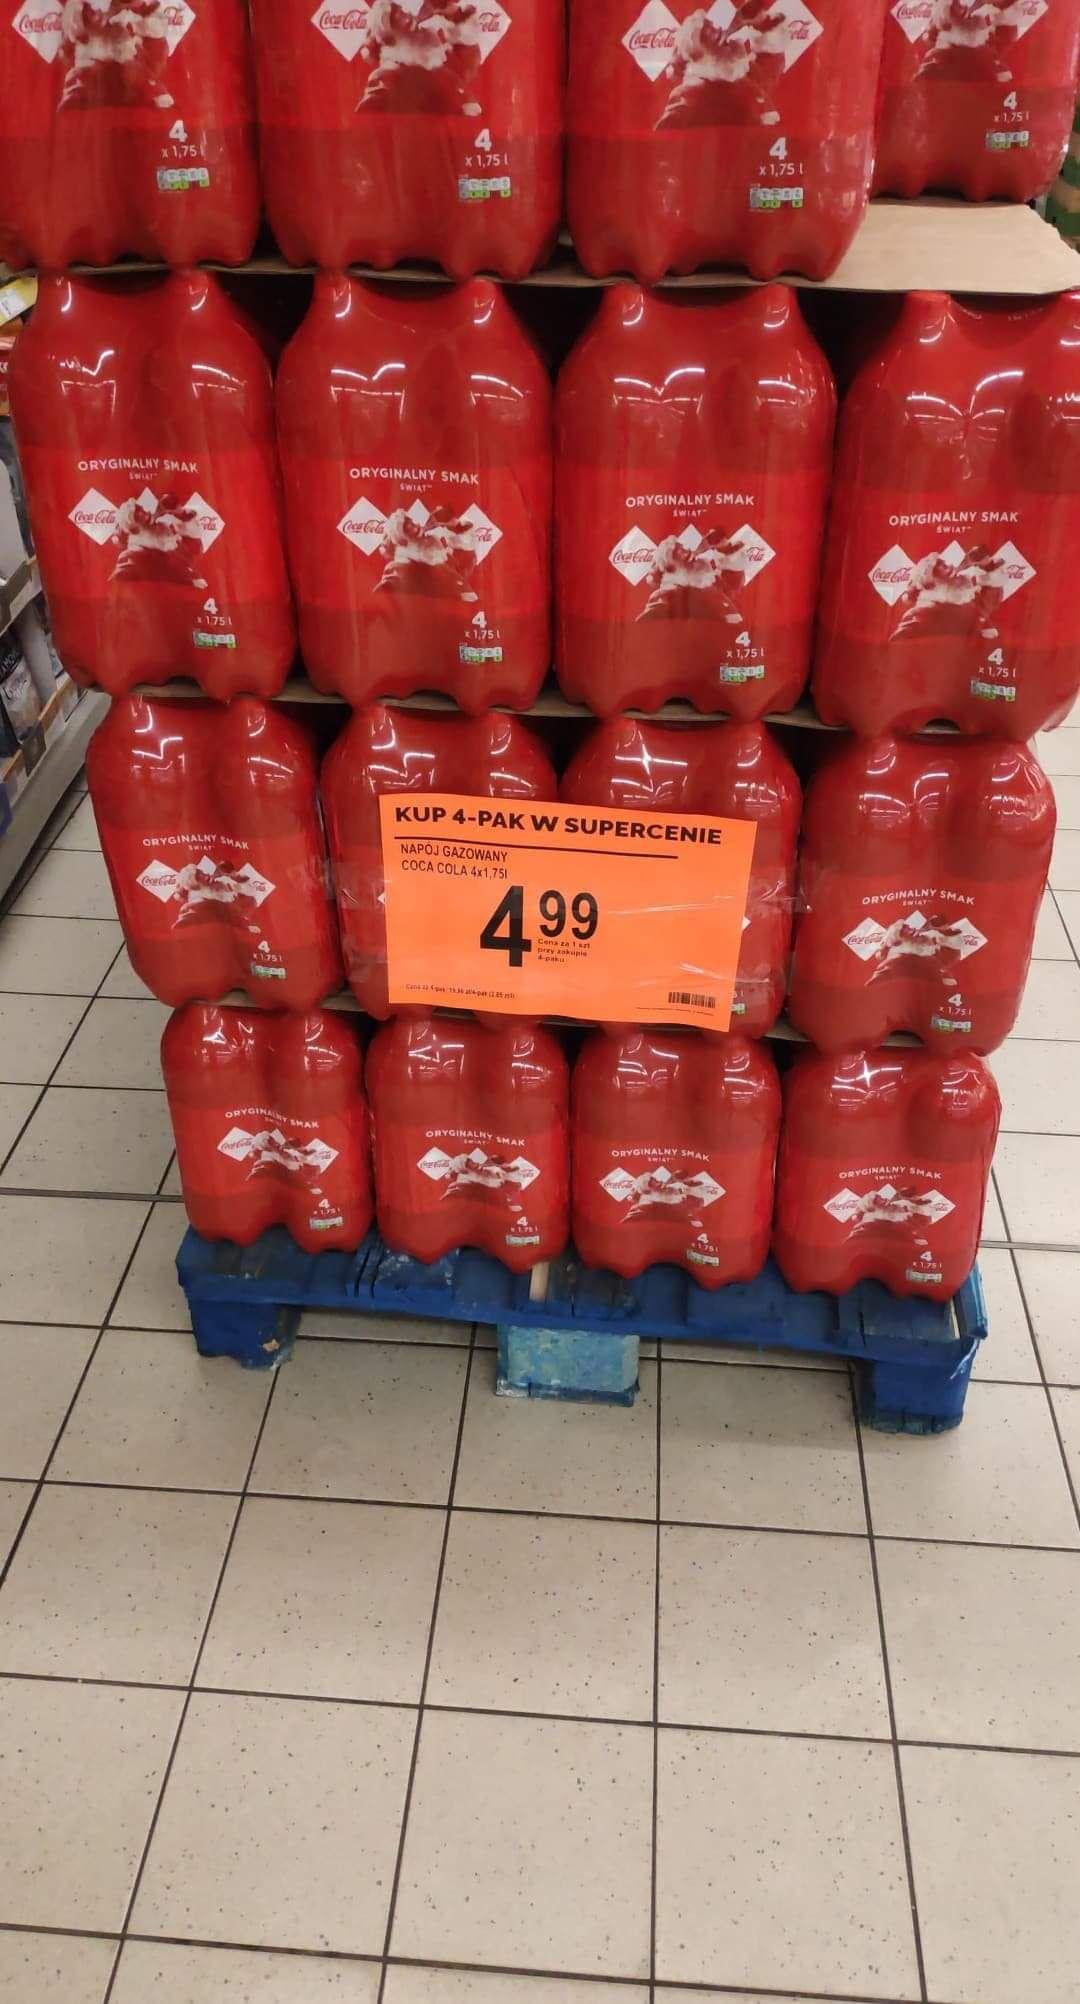 Cena za 1szt Coca Cola 1.75l przy zakupie 4paku